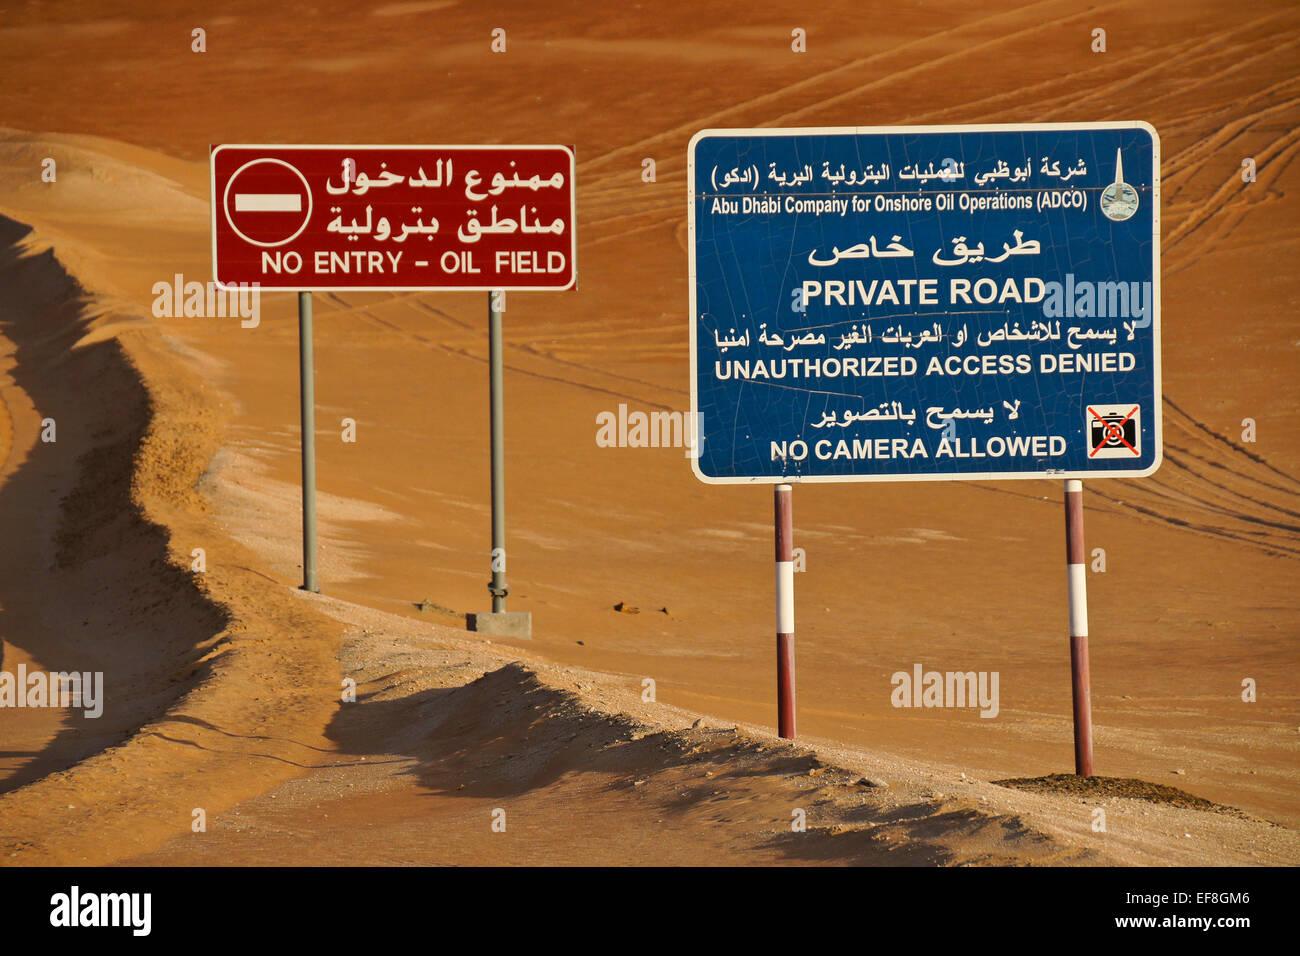 Warning signs beside road, Liwa sand dunes, Abu Dhabi, United Arab Emirates Stock Photo